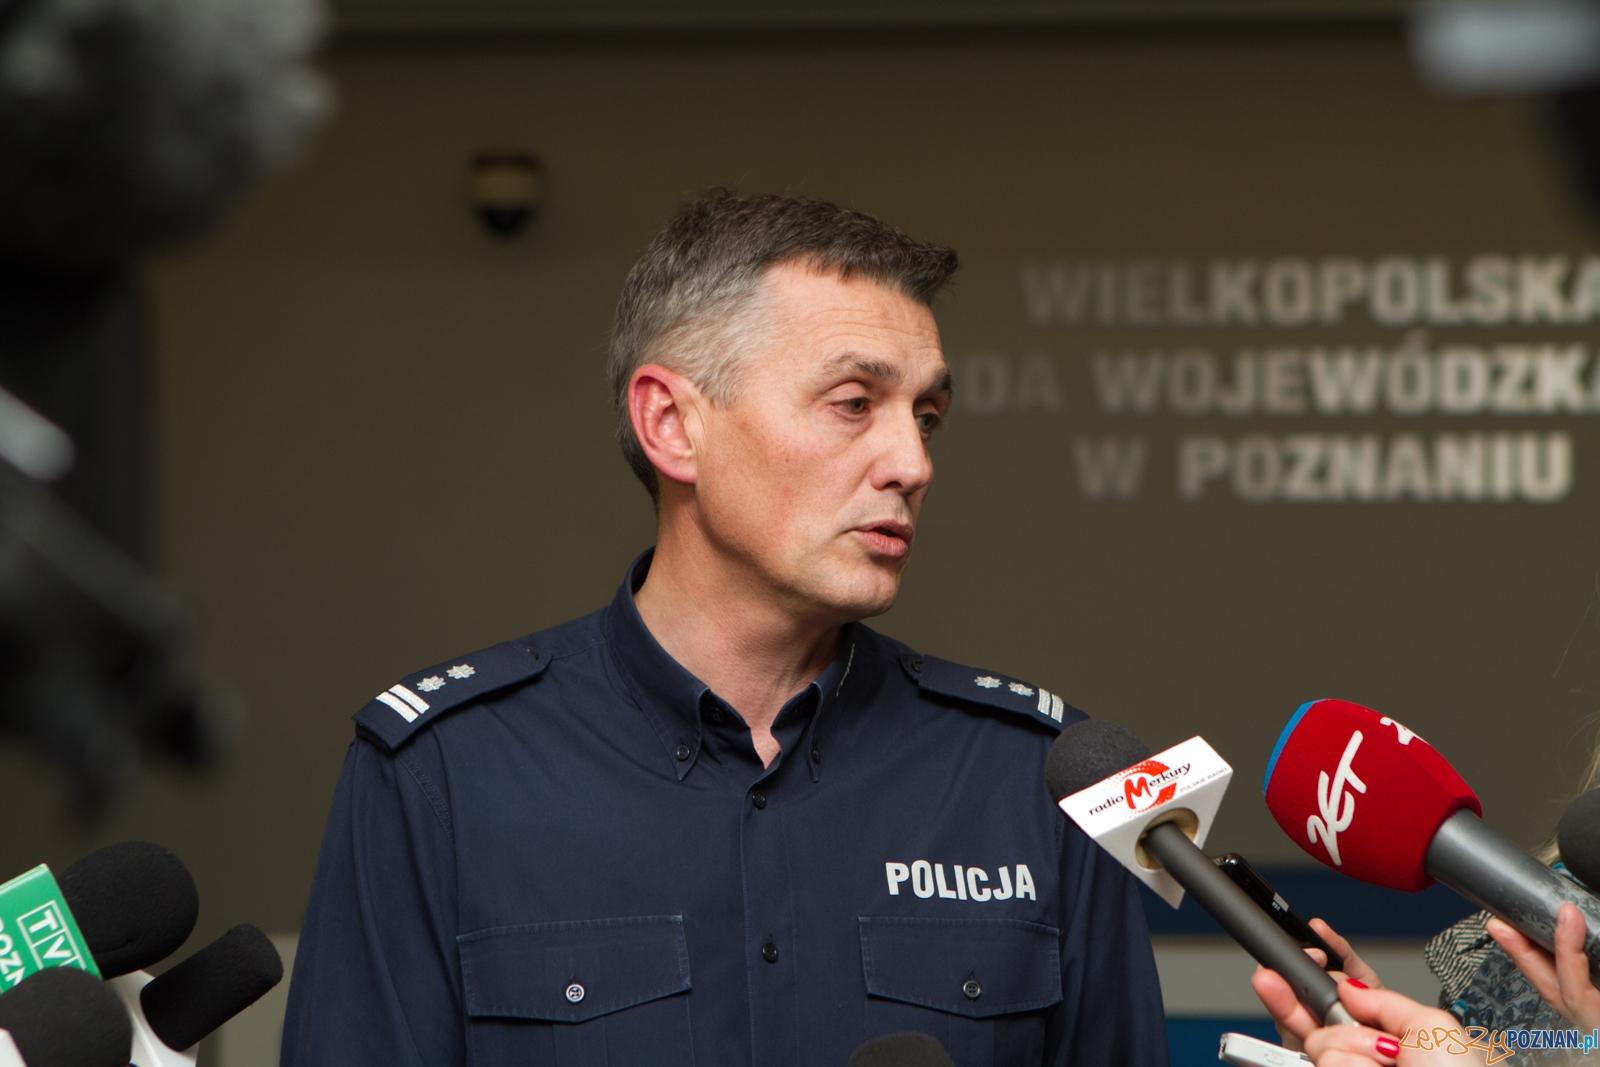 Rzecznik prasowy KWP Andrzej Borowiak  Foto: LepszyPOZNAN.pl / Paweł Rychter